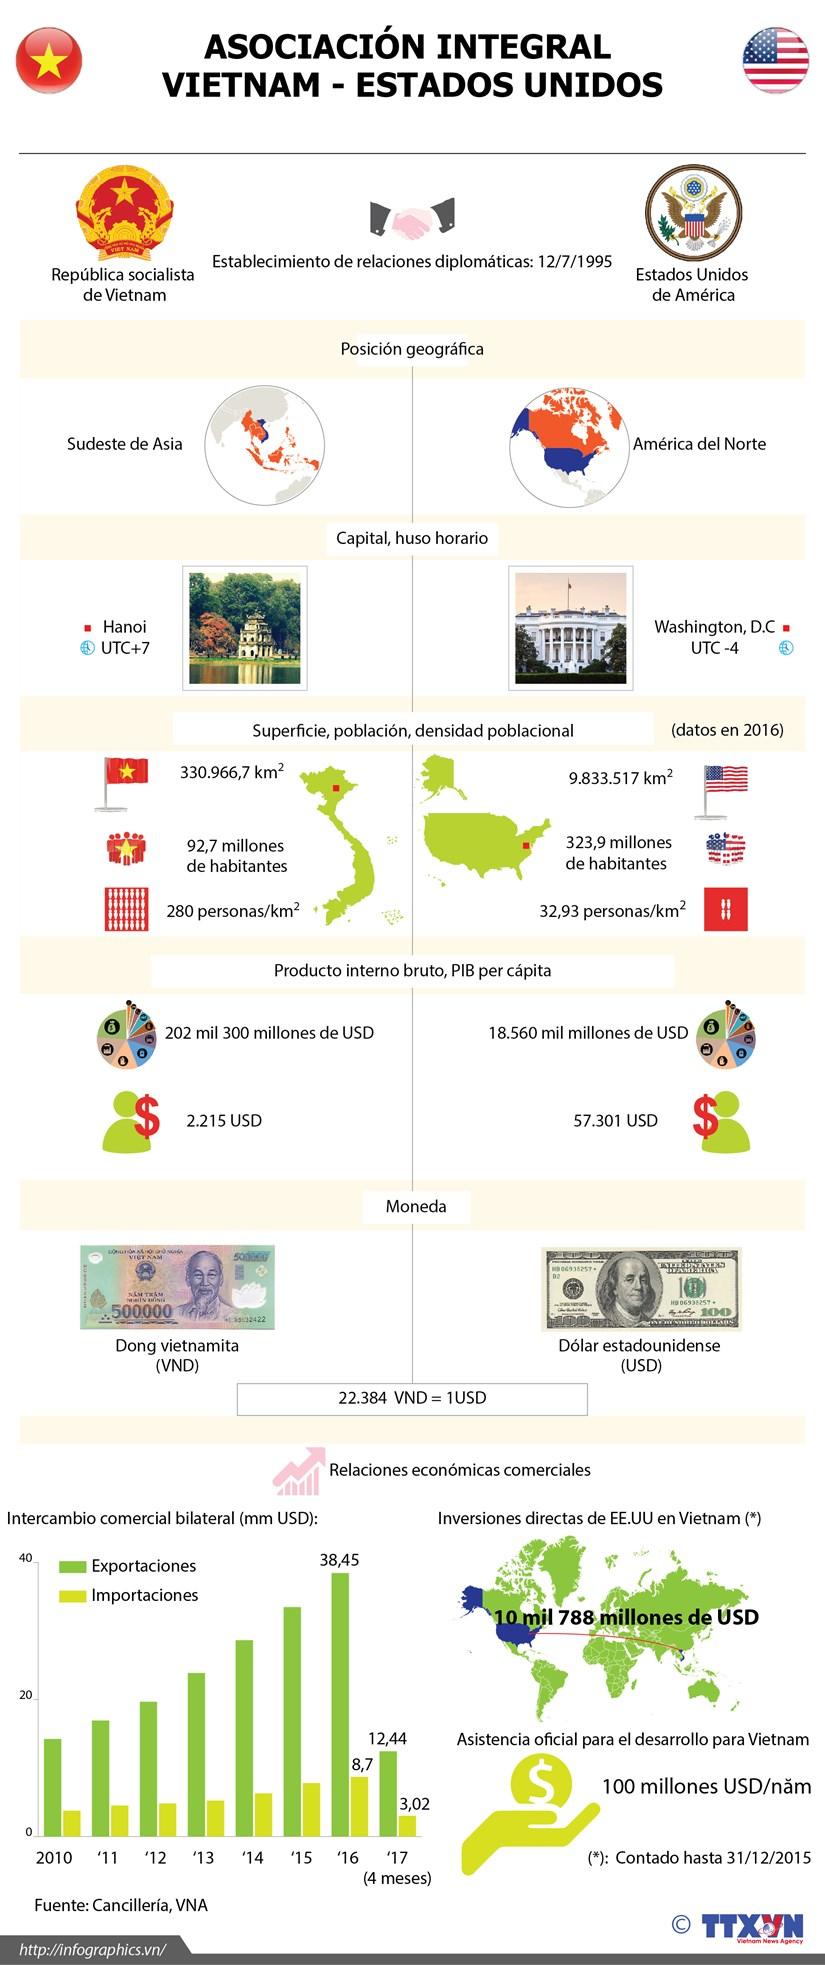 [Infografia] Asociacion Integral Vietnam - Estados Unidos hinh anh 1